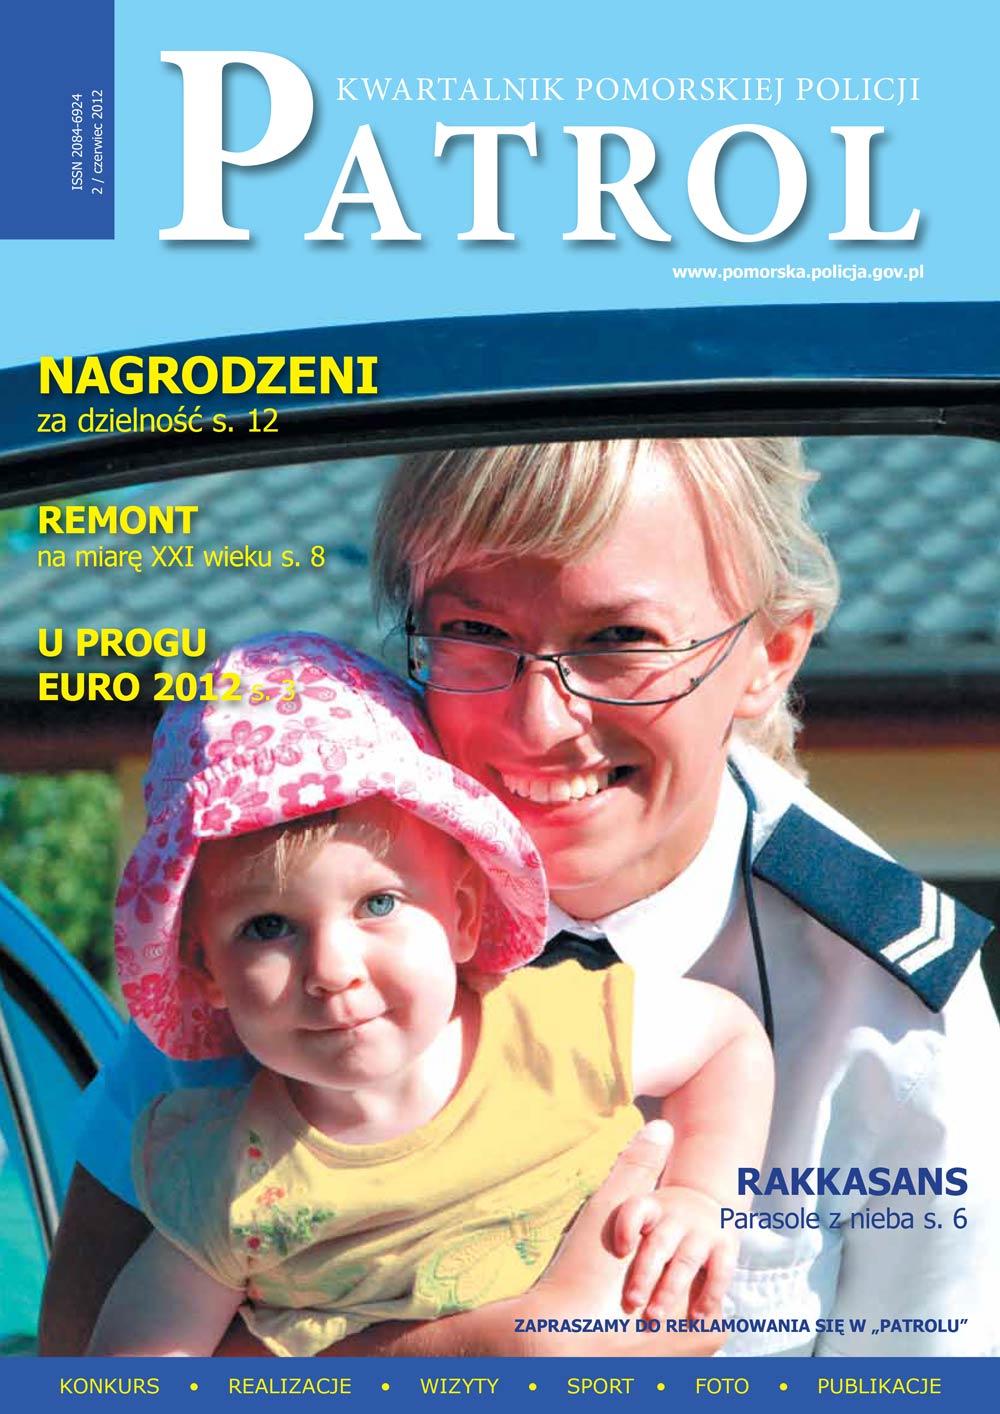 PATROL. KWARTALNIK POMORSKIEJ POLICJI . - 2012, [nr] 2, czerwiec, www.pomorska.policja.gov.pl